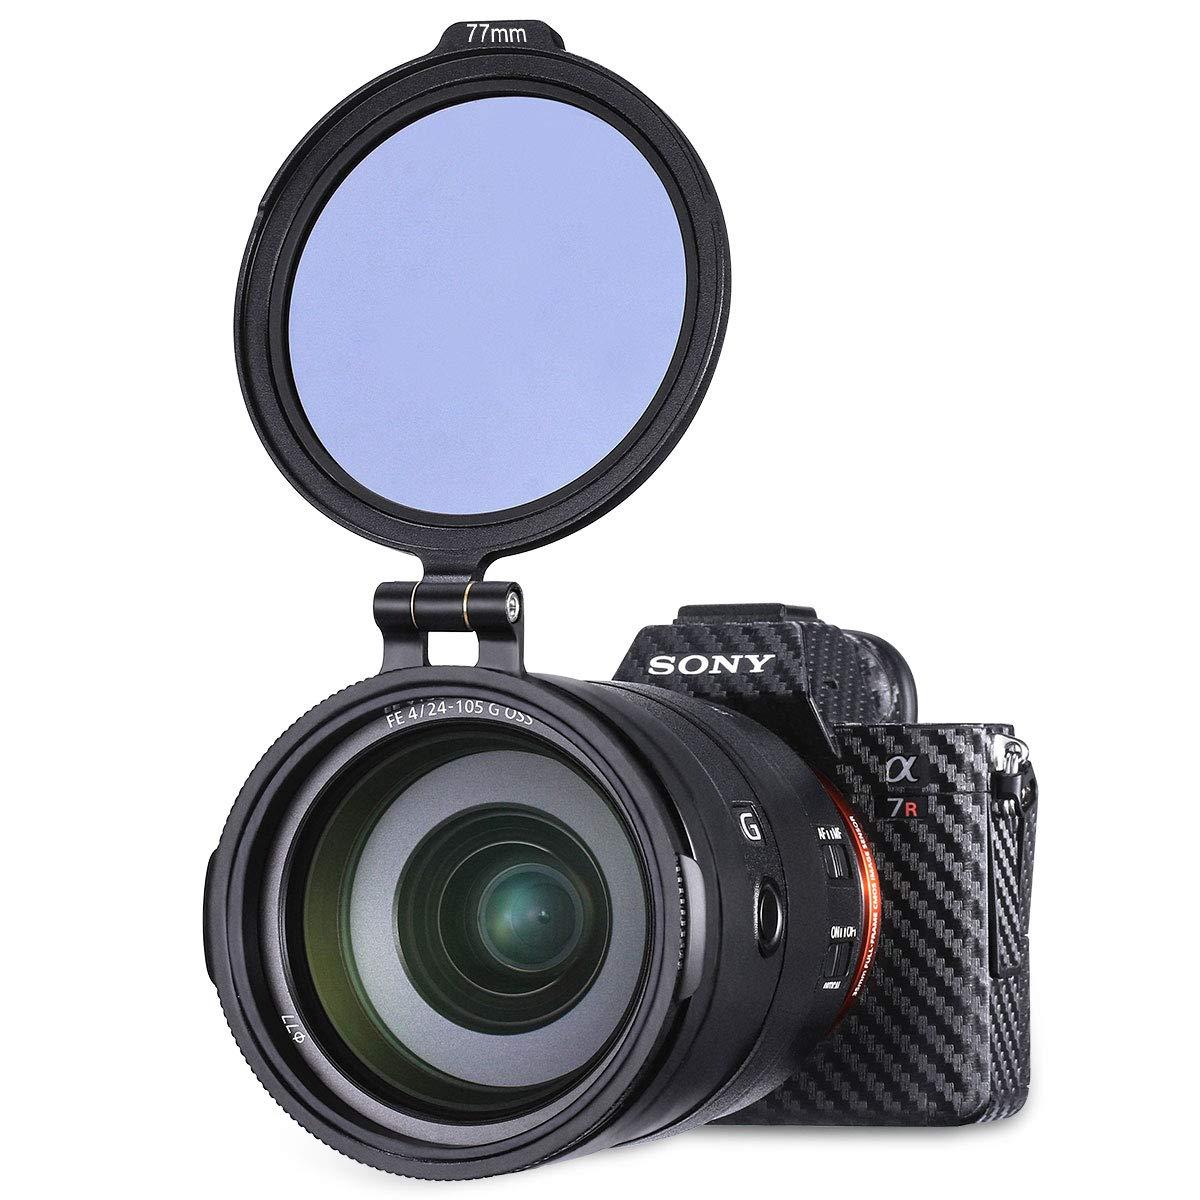 Staffa di montaggio filtro ND interruttore rapido in alluminio 67 mm anello adattatore per obiettivo rapido accessori fotografici compatibili per Canon Nikon Sony Olympus DSLR